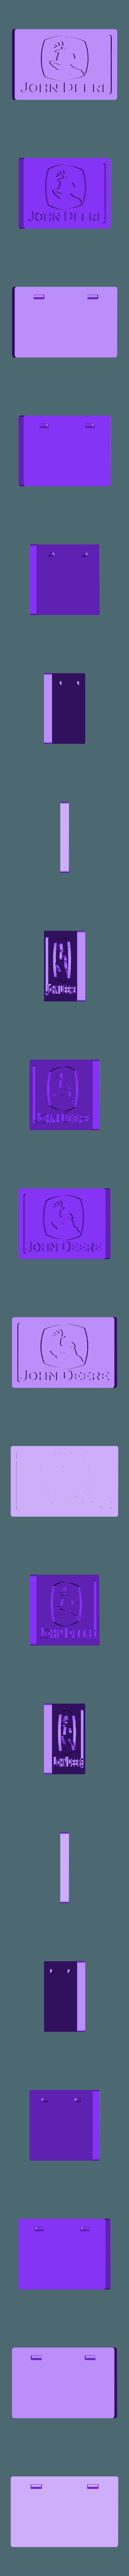 JDLogo.stl Télécharger fichier STL gratuit Cintre mural avec plaque au logo de John Deere • Modèle pour imprimante 3D, 3DWP